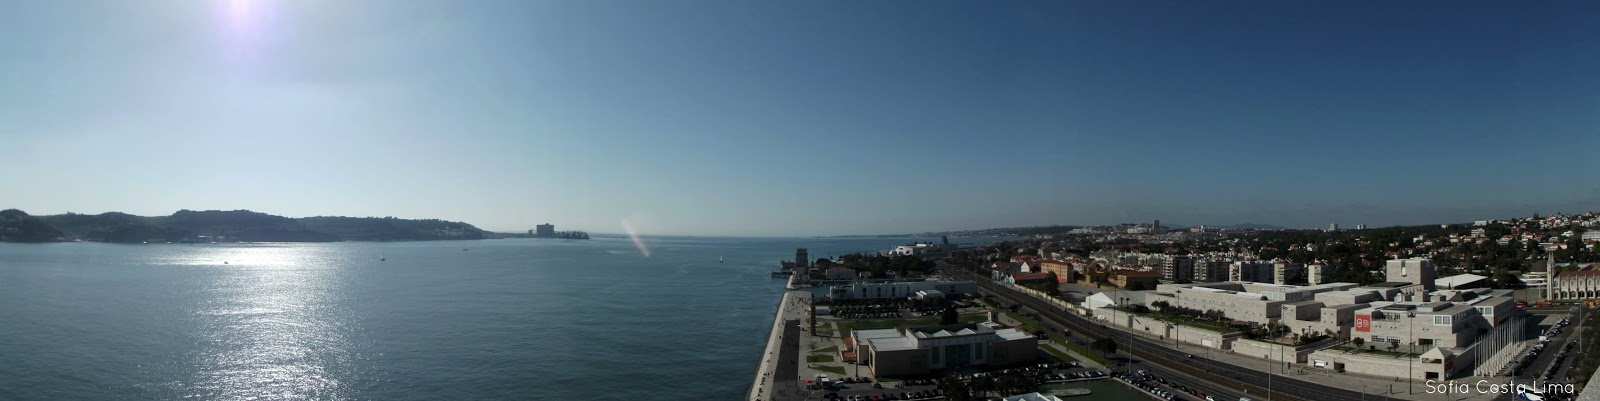 Lisboa: Belém